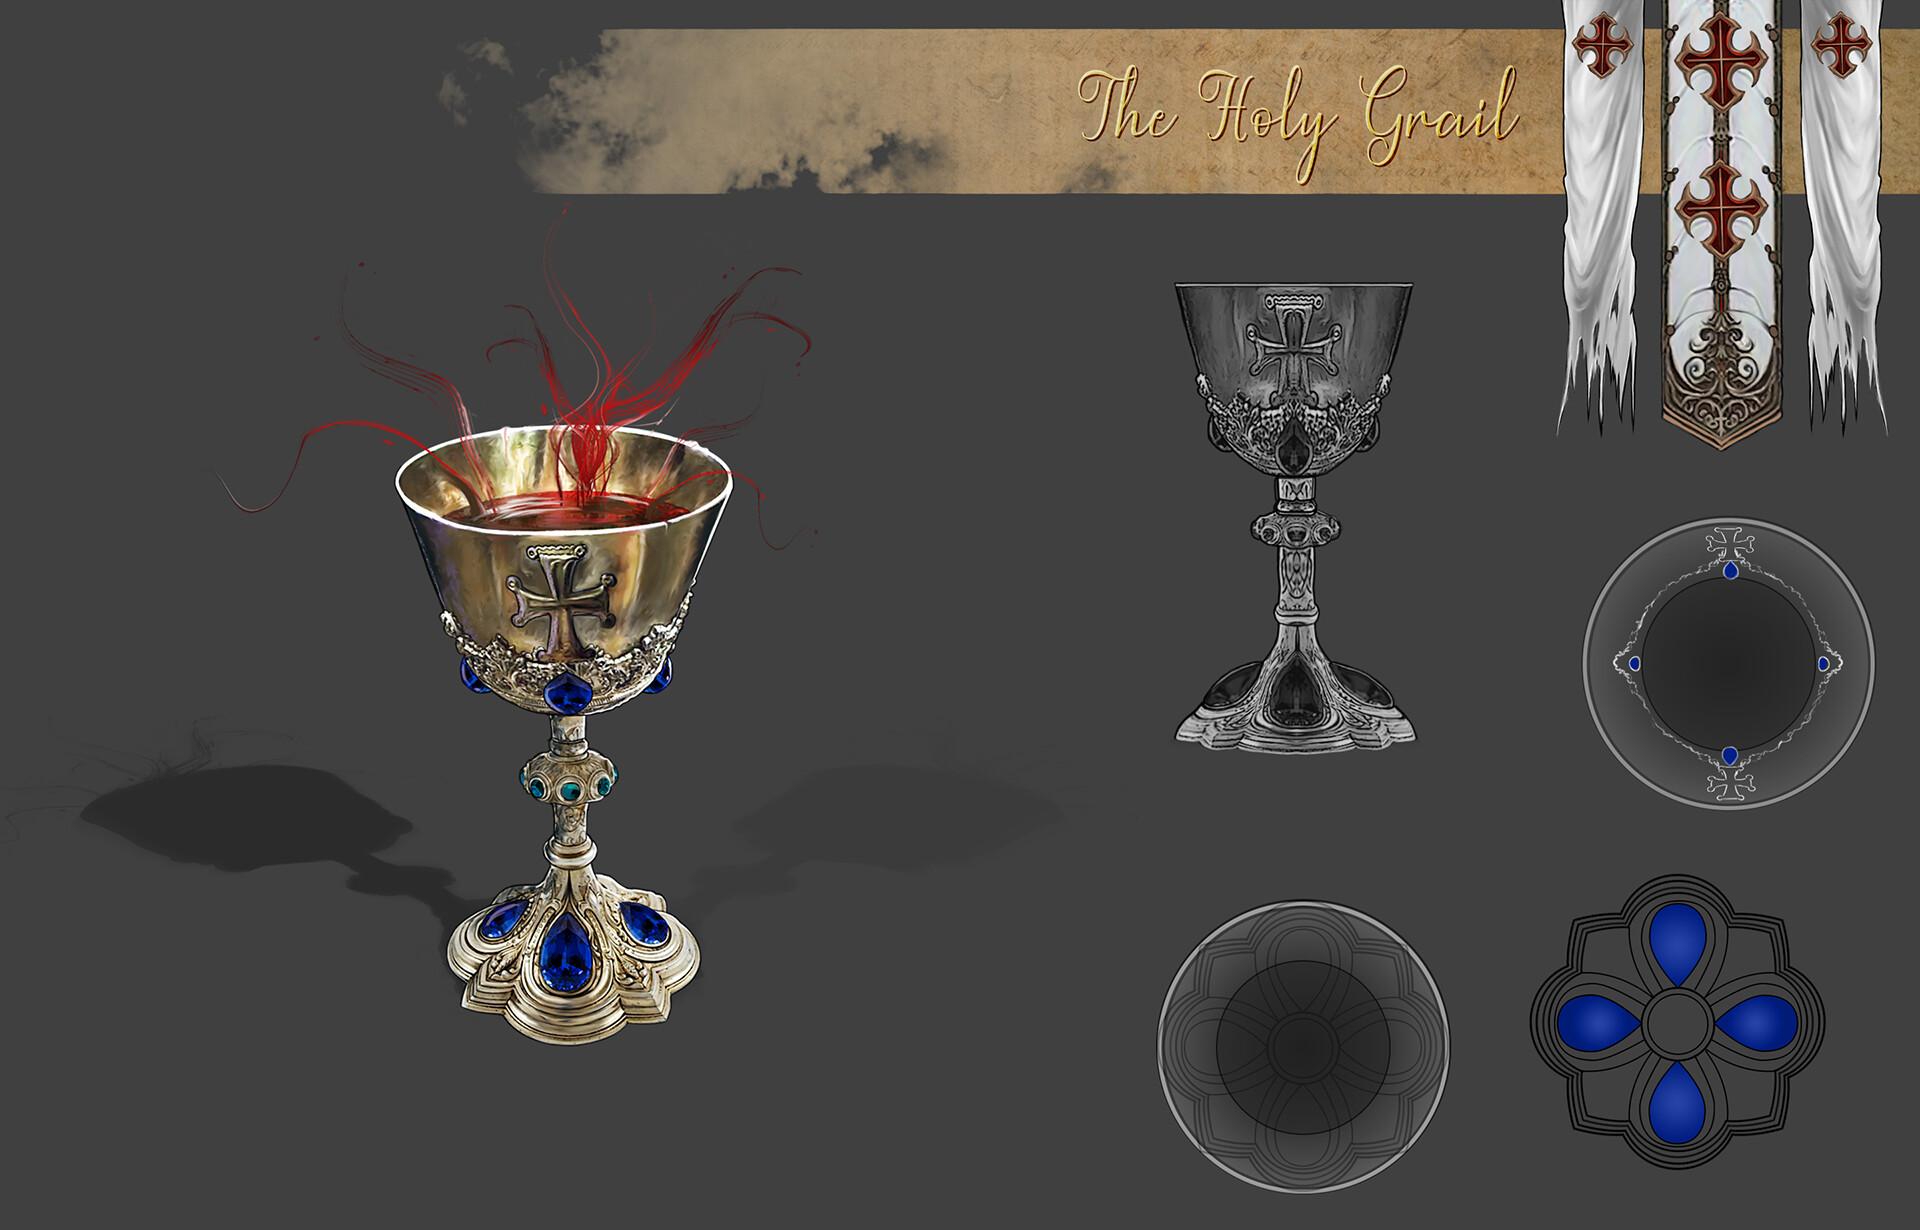 Vibhas virwani presentation6 holygrail